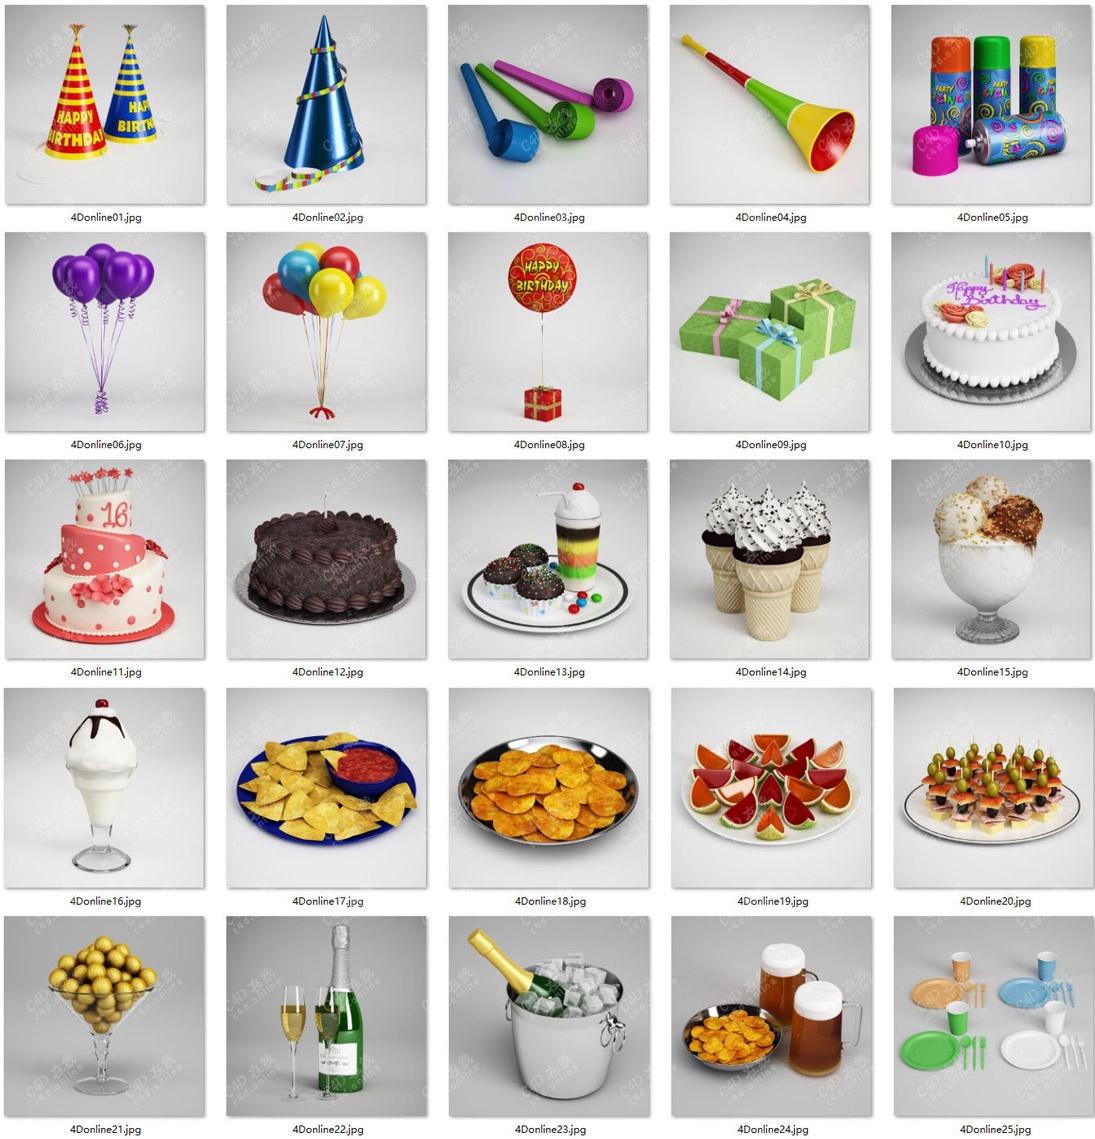 25款节日派对气球装饰礼品模型